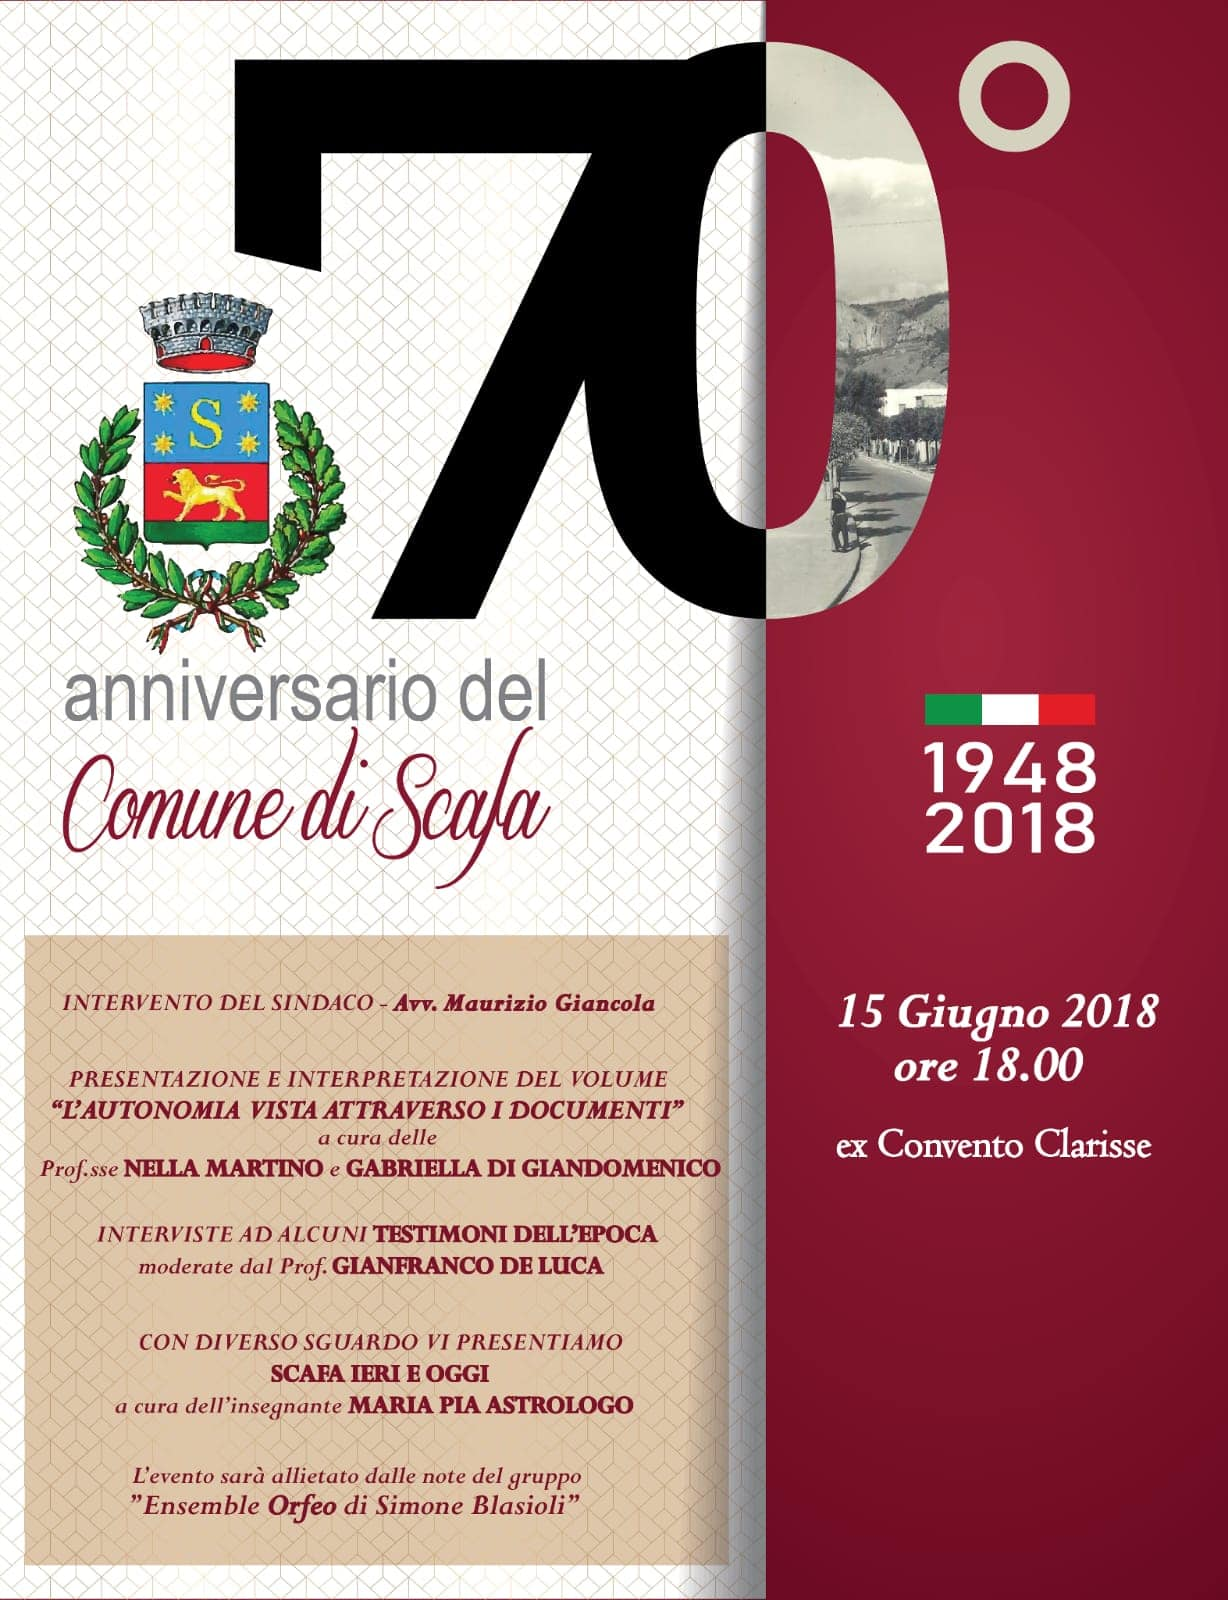 70� anniversario del Comune di Scafa